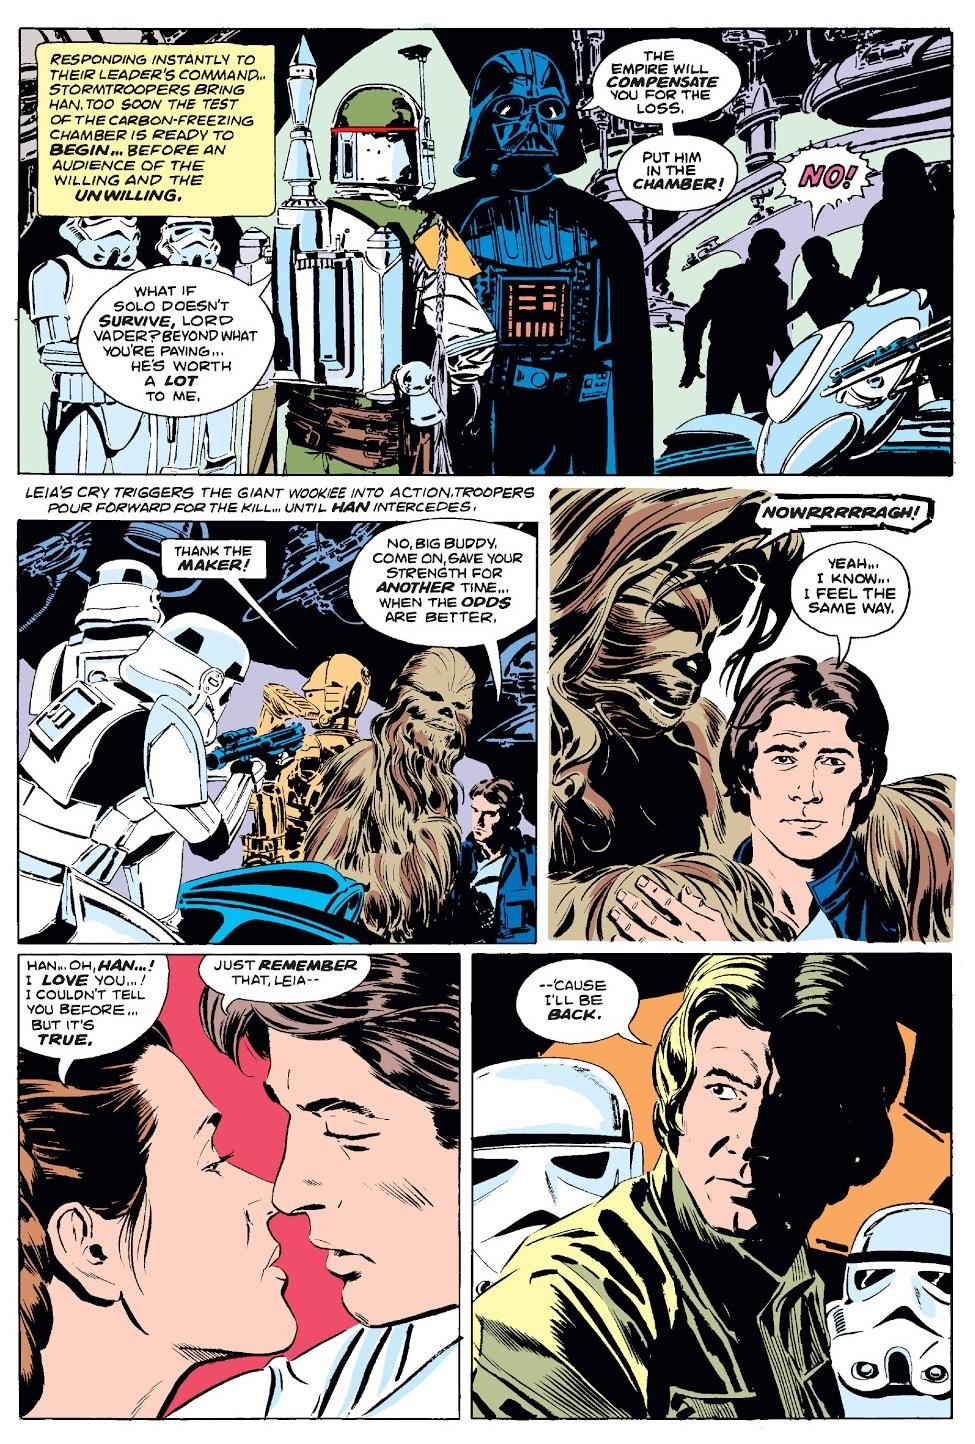 Star Wars 1977 43 Impero Colpisce Ancora Han Solo Boba Fett Leia